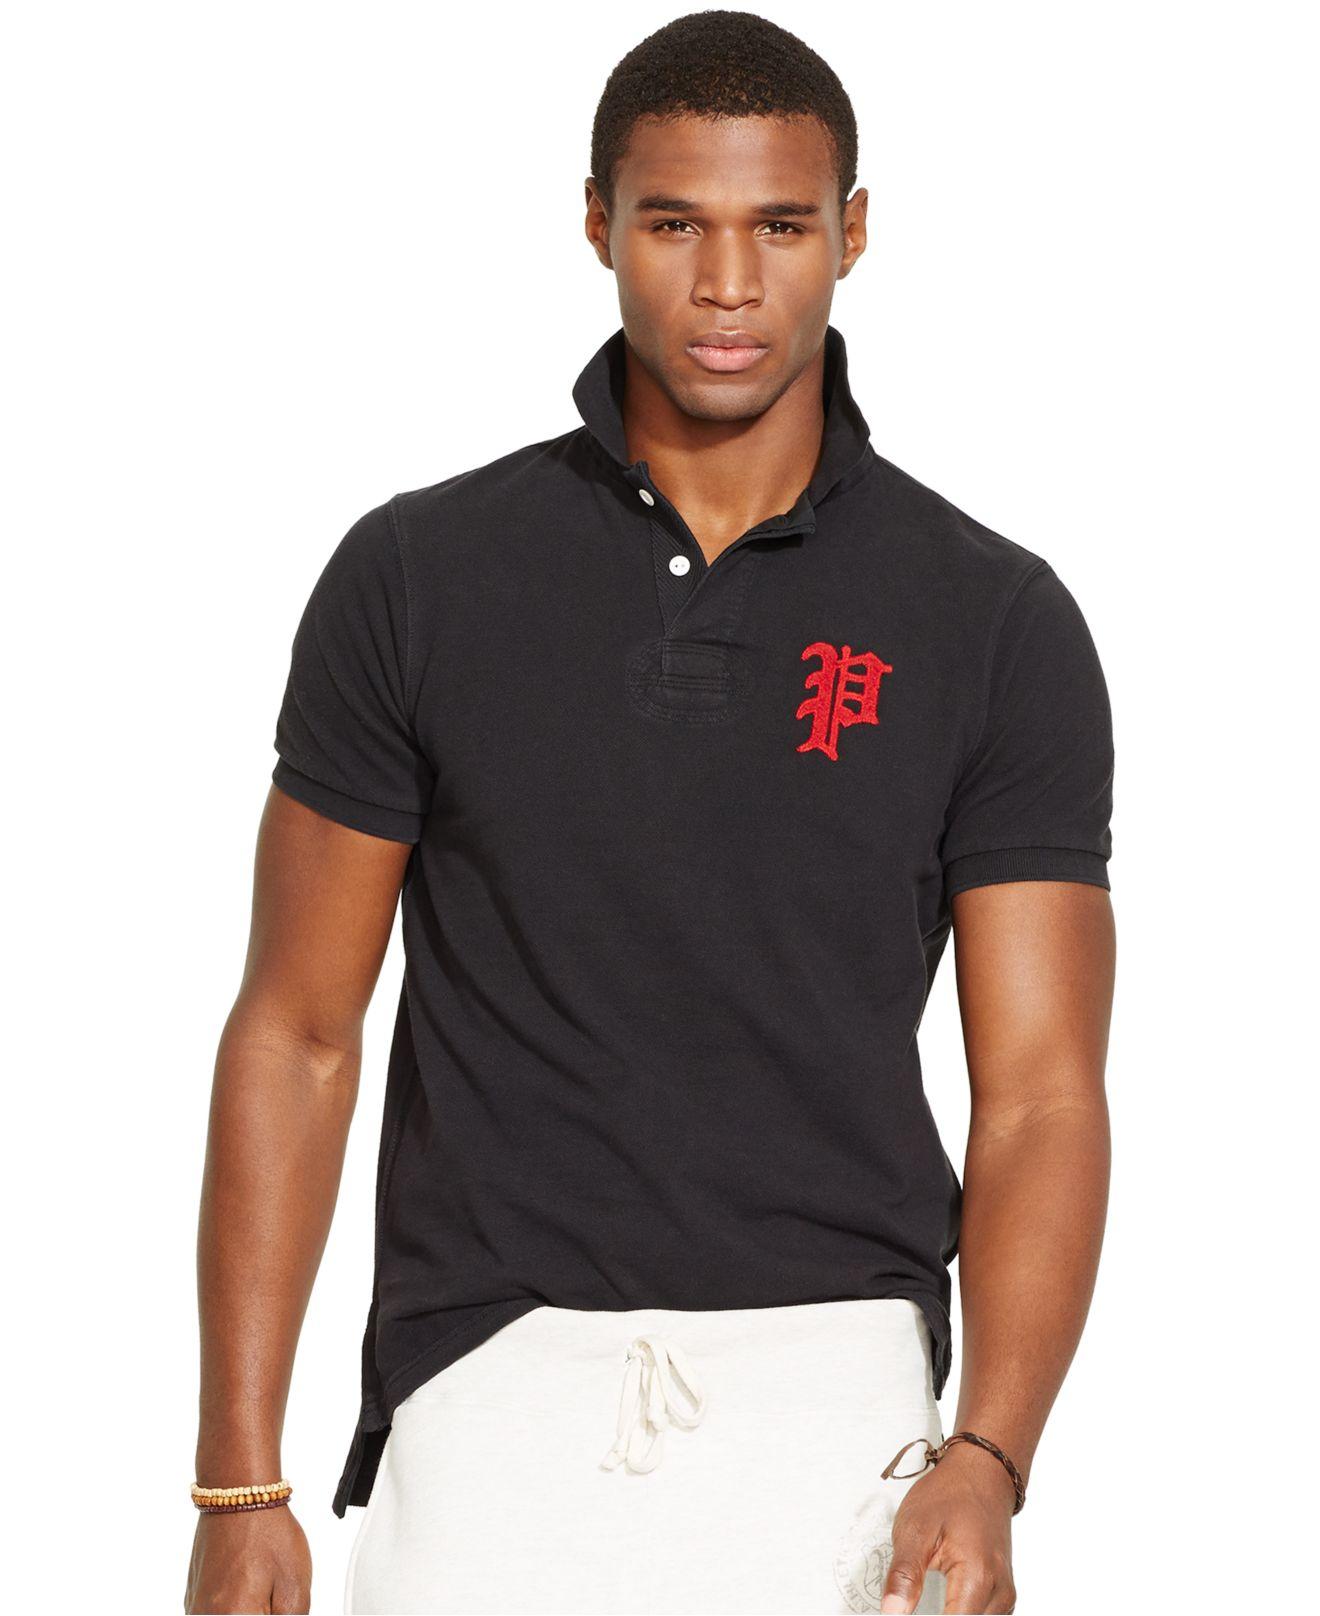 b065f2138a0f1 polo ralph lauren slim fit t-shirt 3-pack polo ralph lauren hats ...